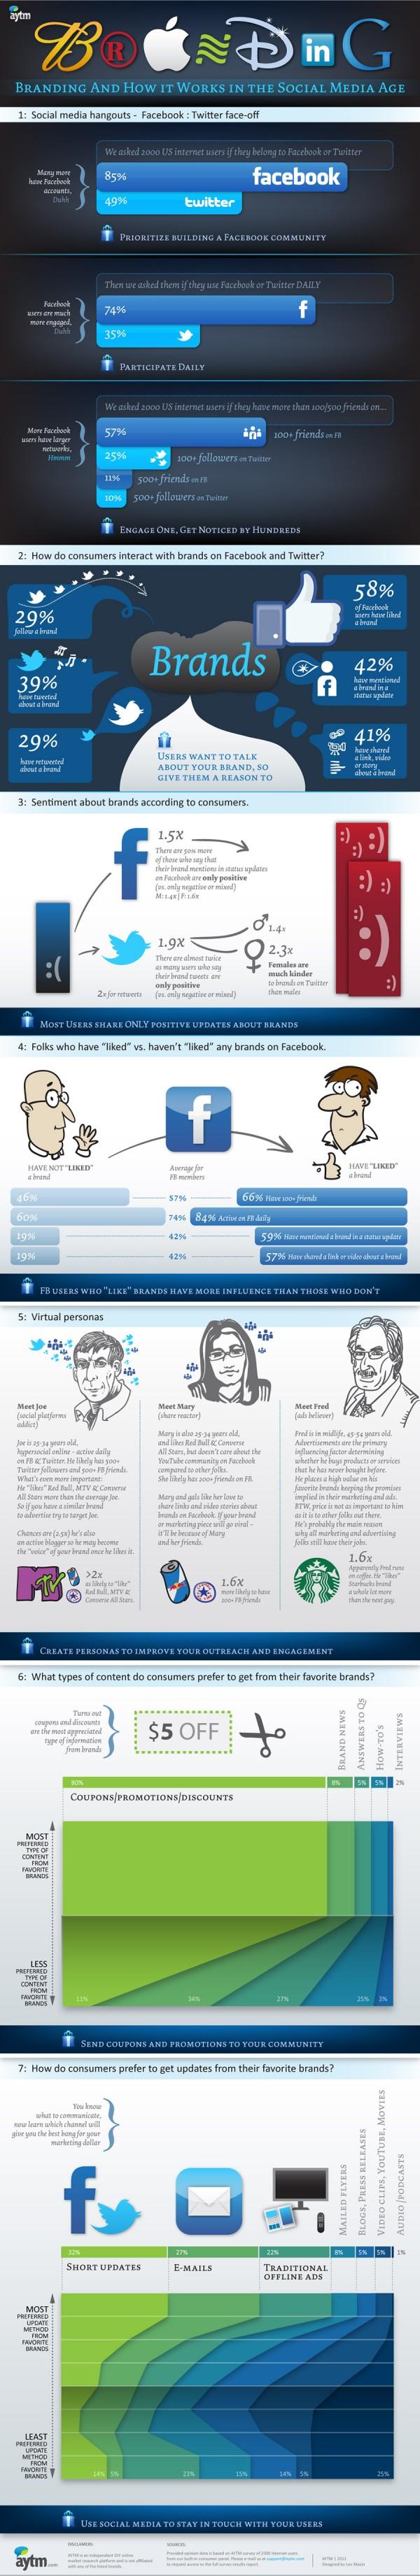 Як користувачі взаємодіють з брендами на Facebook i Twitter (інфографіка)